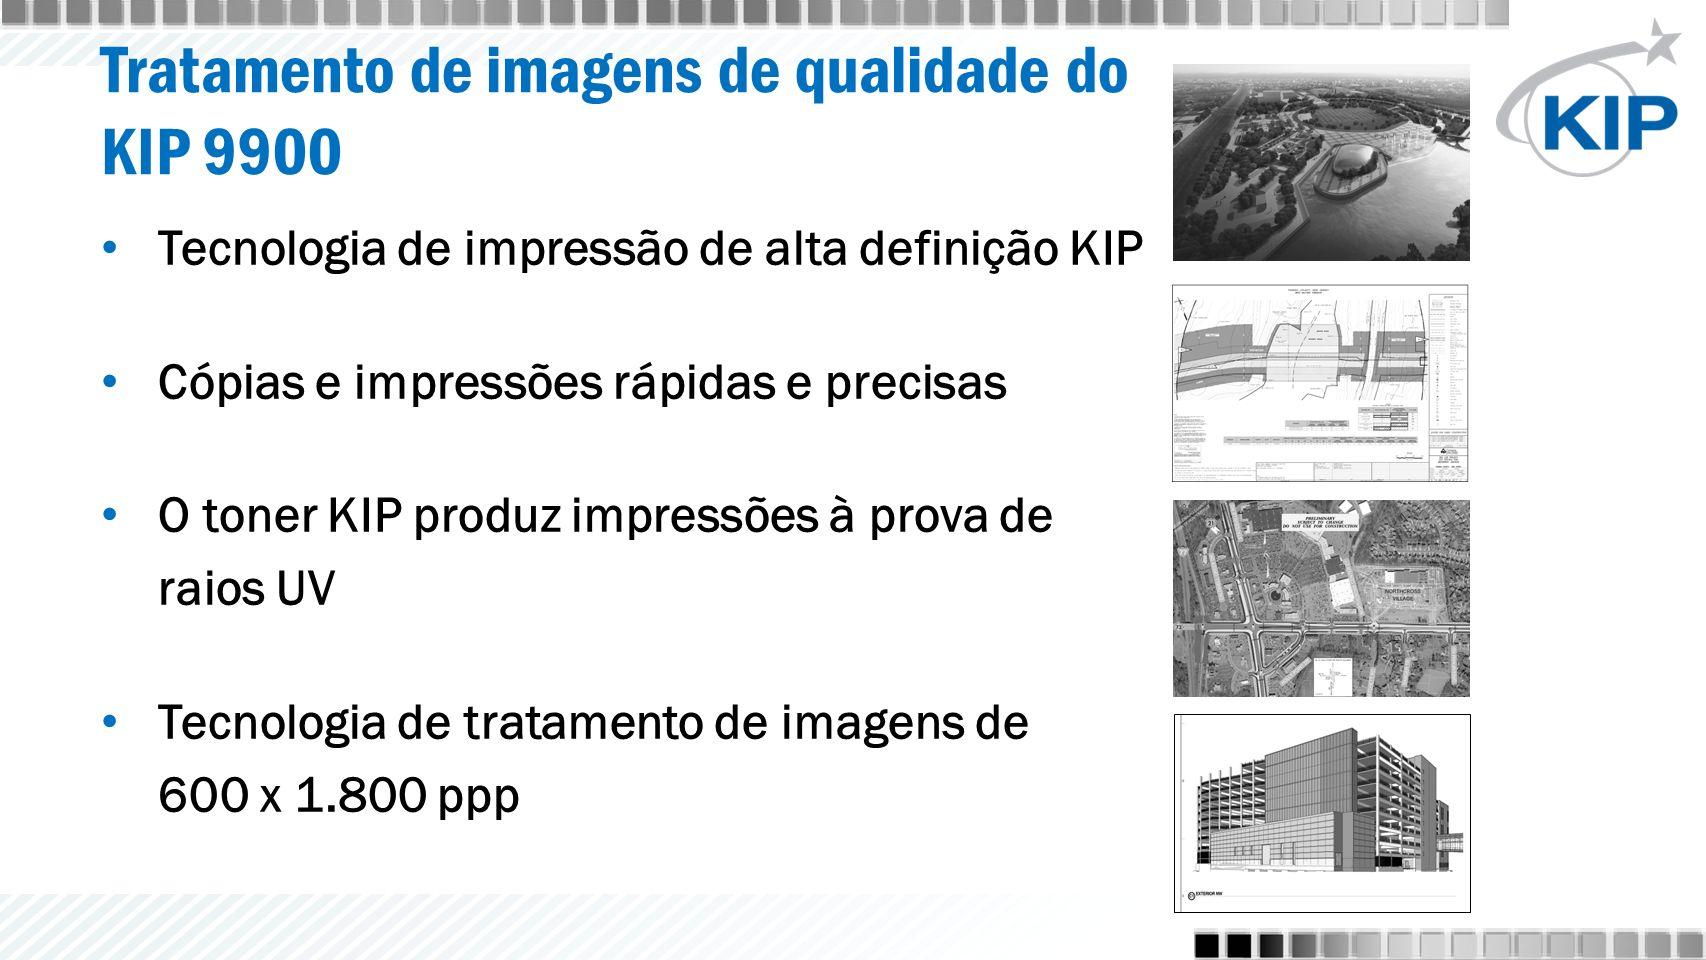 Tratamento de imagens de qualidade do KIP 9900 Tecnologia de impressão de alta definição KIP Cópias e impressões rápidas e precisas O toner KIP produz impressões à prova de raios UV Tecnologia de tratamento de imagens de 600 x 1.800 ppp